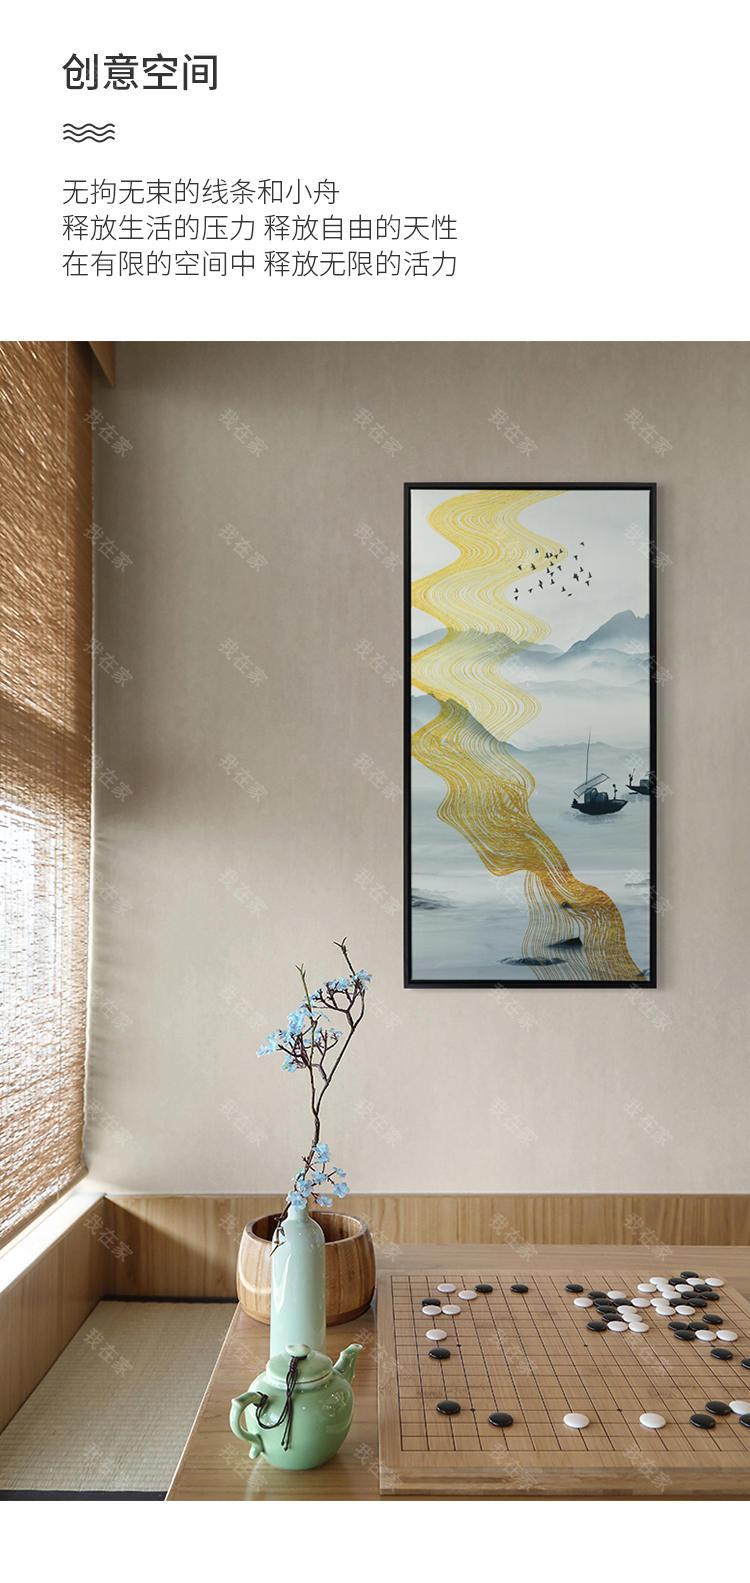 装饰画品牌泛舟 抽象艺术挂画的详细介绍